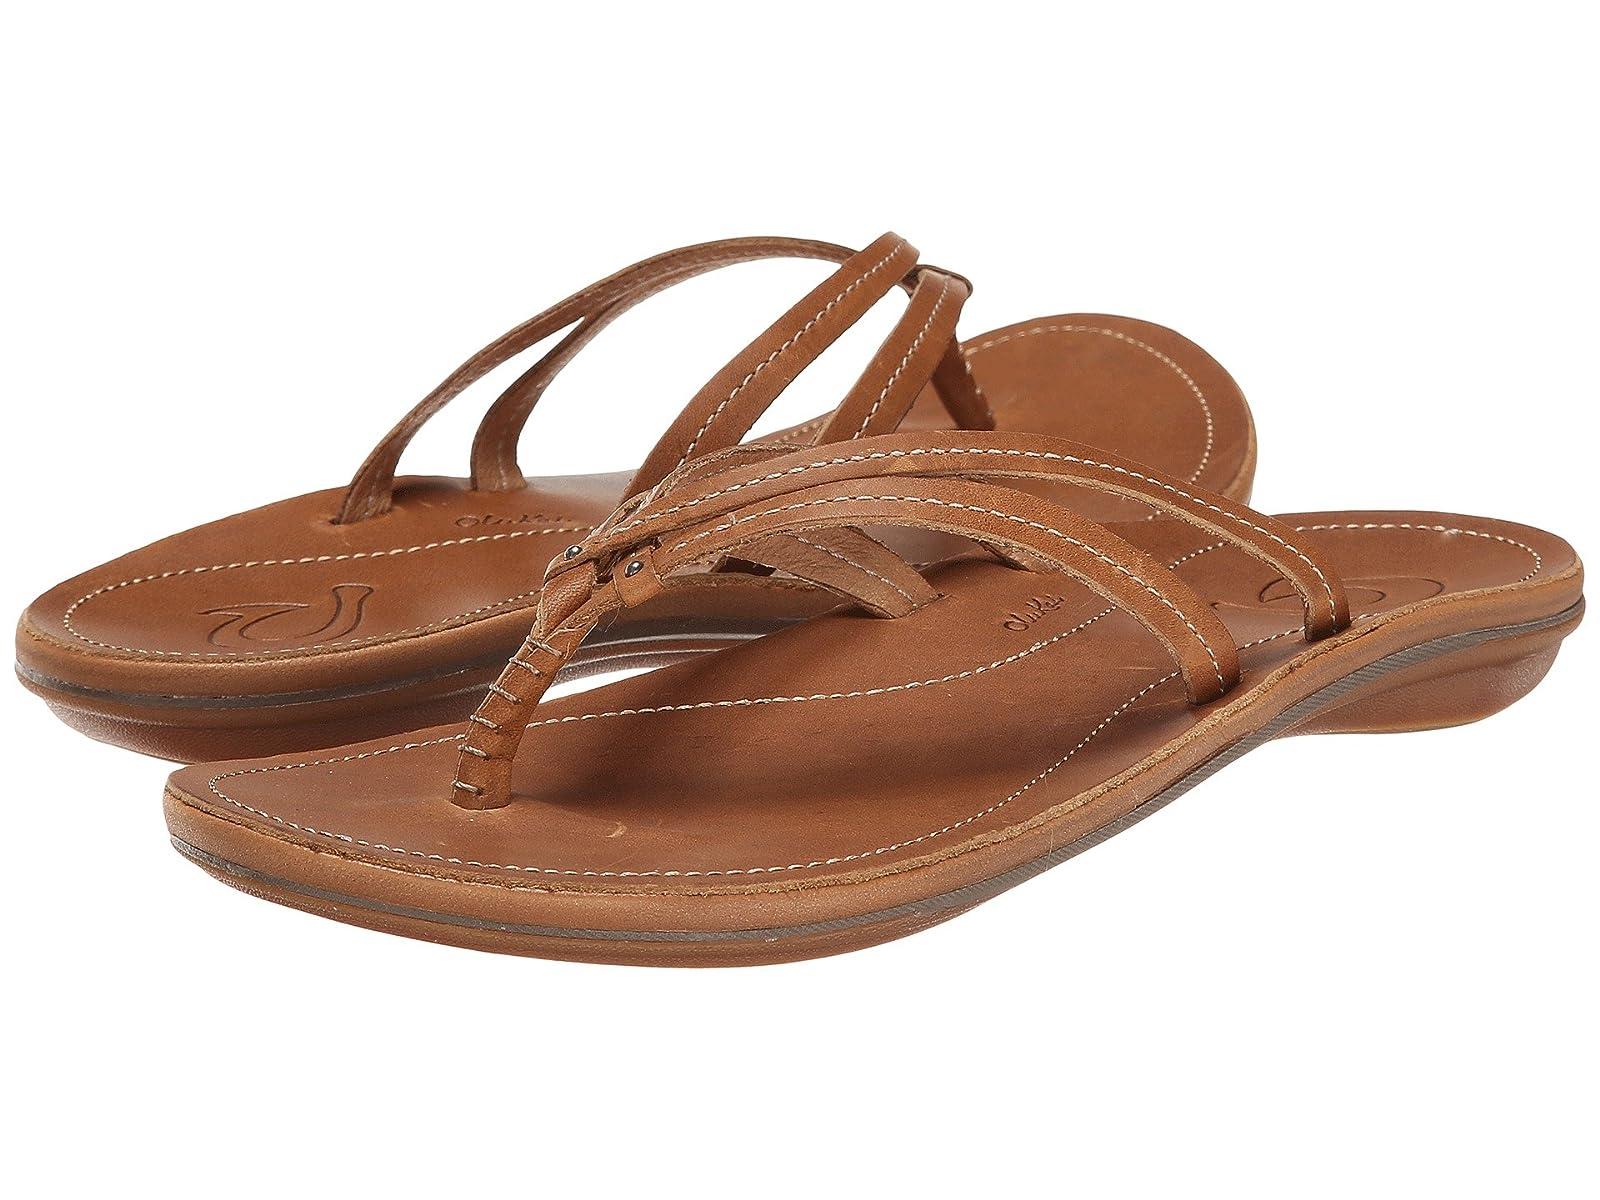 OluKai U'iAtmospheric grades have affordable shoes